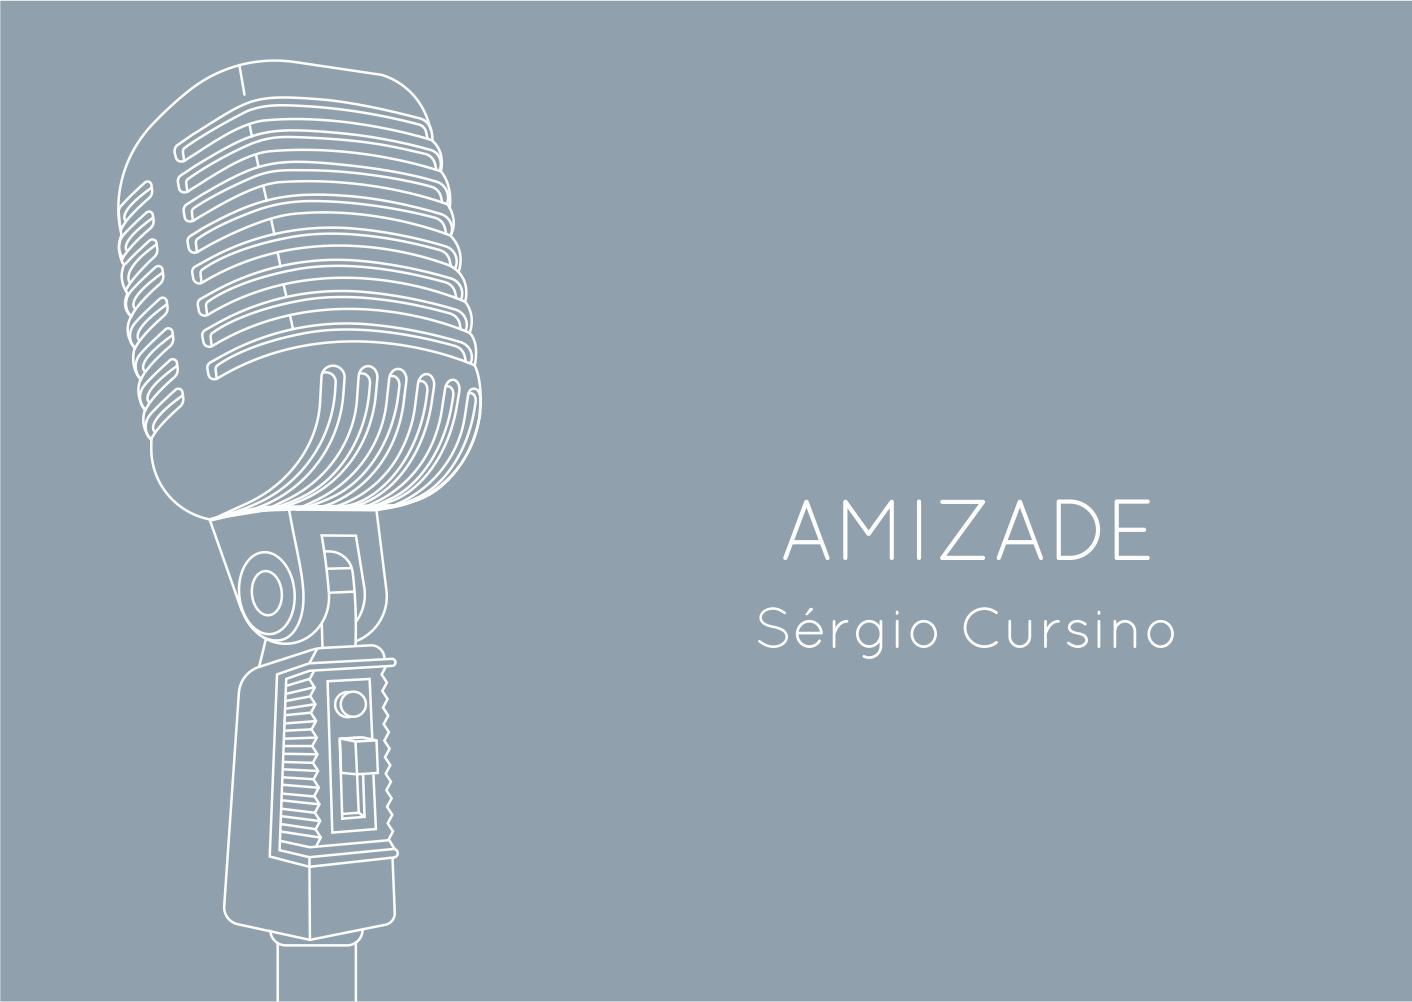 Amizade - Sérgio Cursino